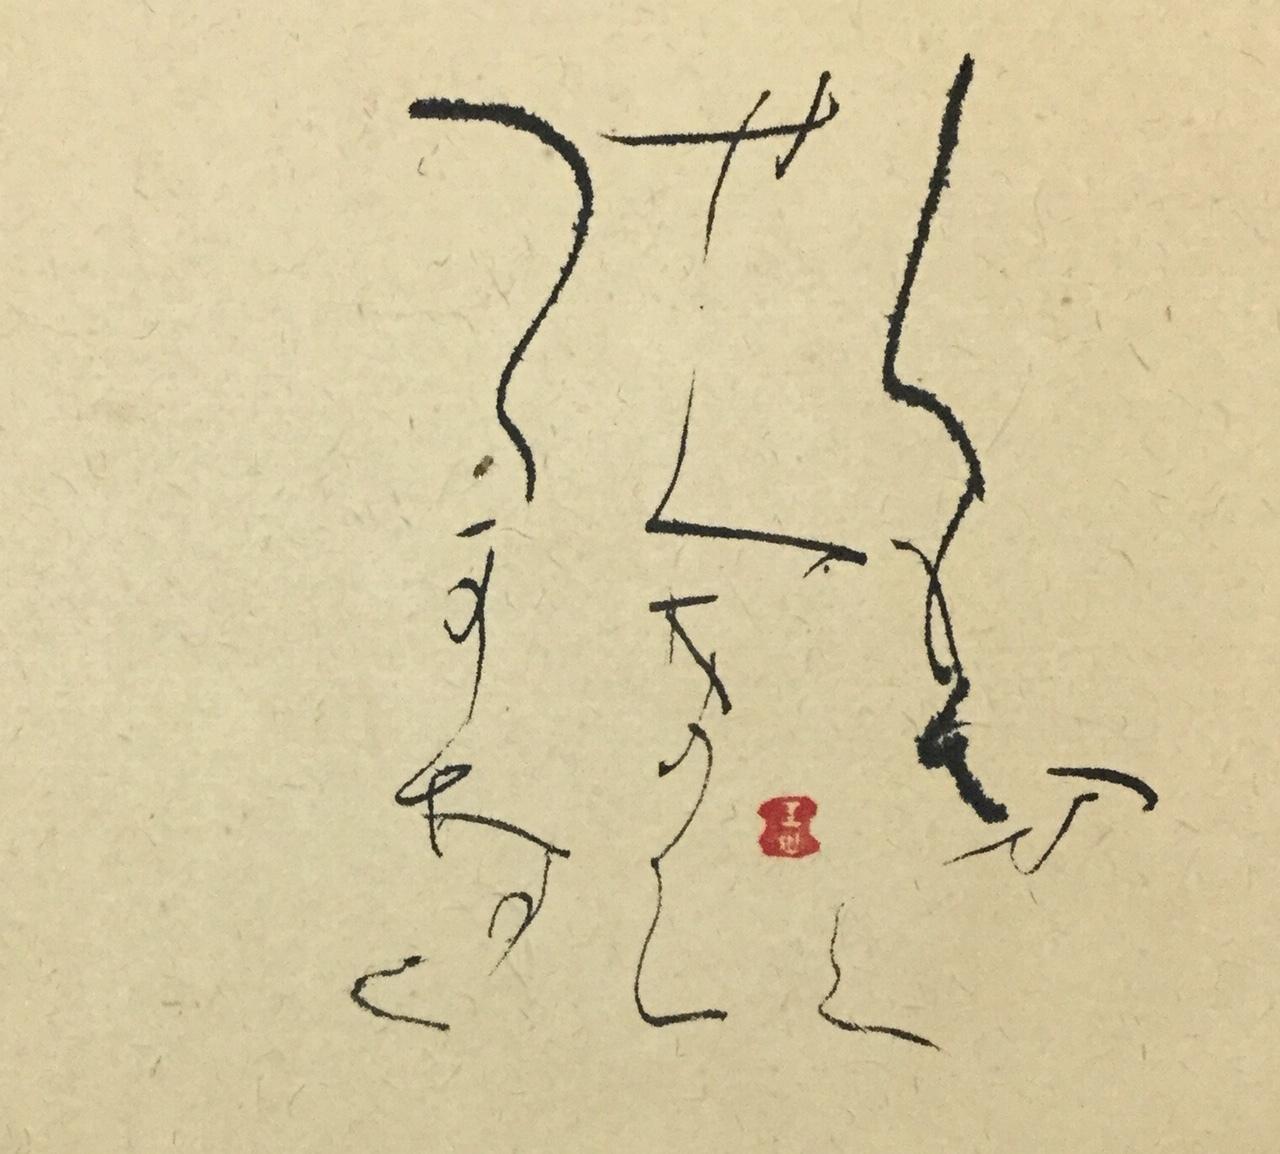 晴れ、団扇描き(^O^)      「な」_b0075826_19145083.jpeg